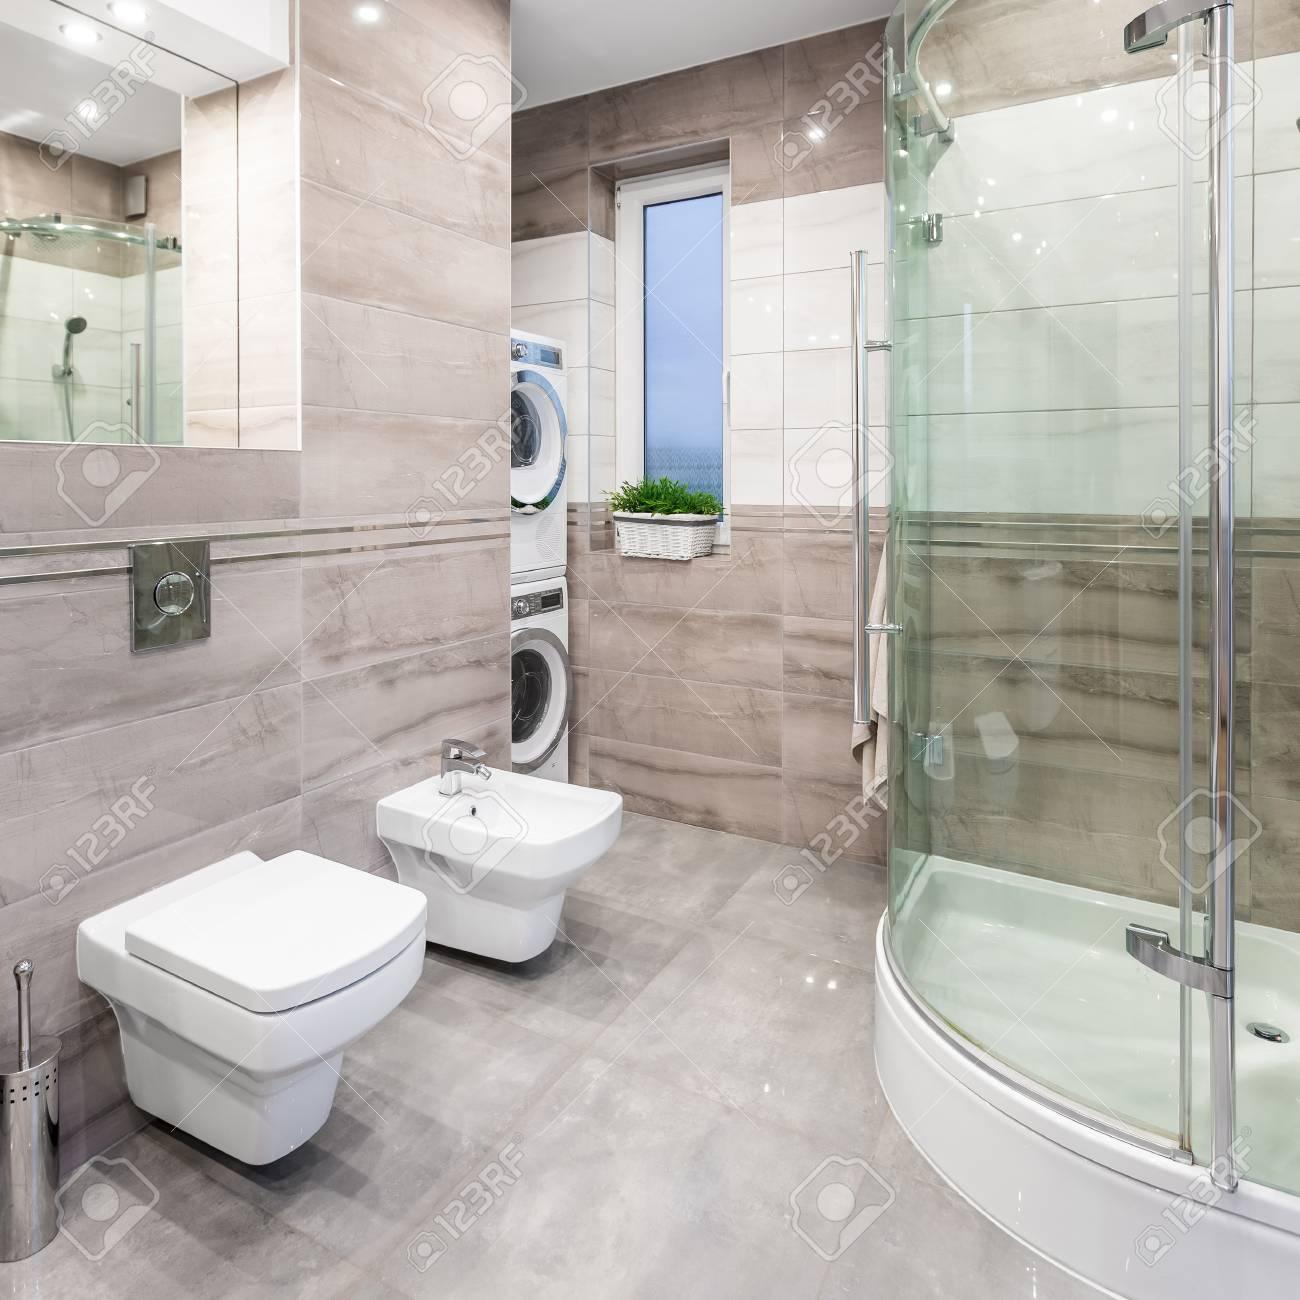 Salle De Bain Spacieuse Avec Miroir Toilette Bidet Douche Laveuse Et Secheuse Banque D Images Et Photos Libres De Droits Image 69343040